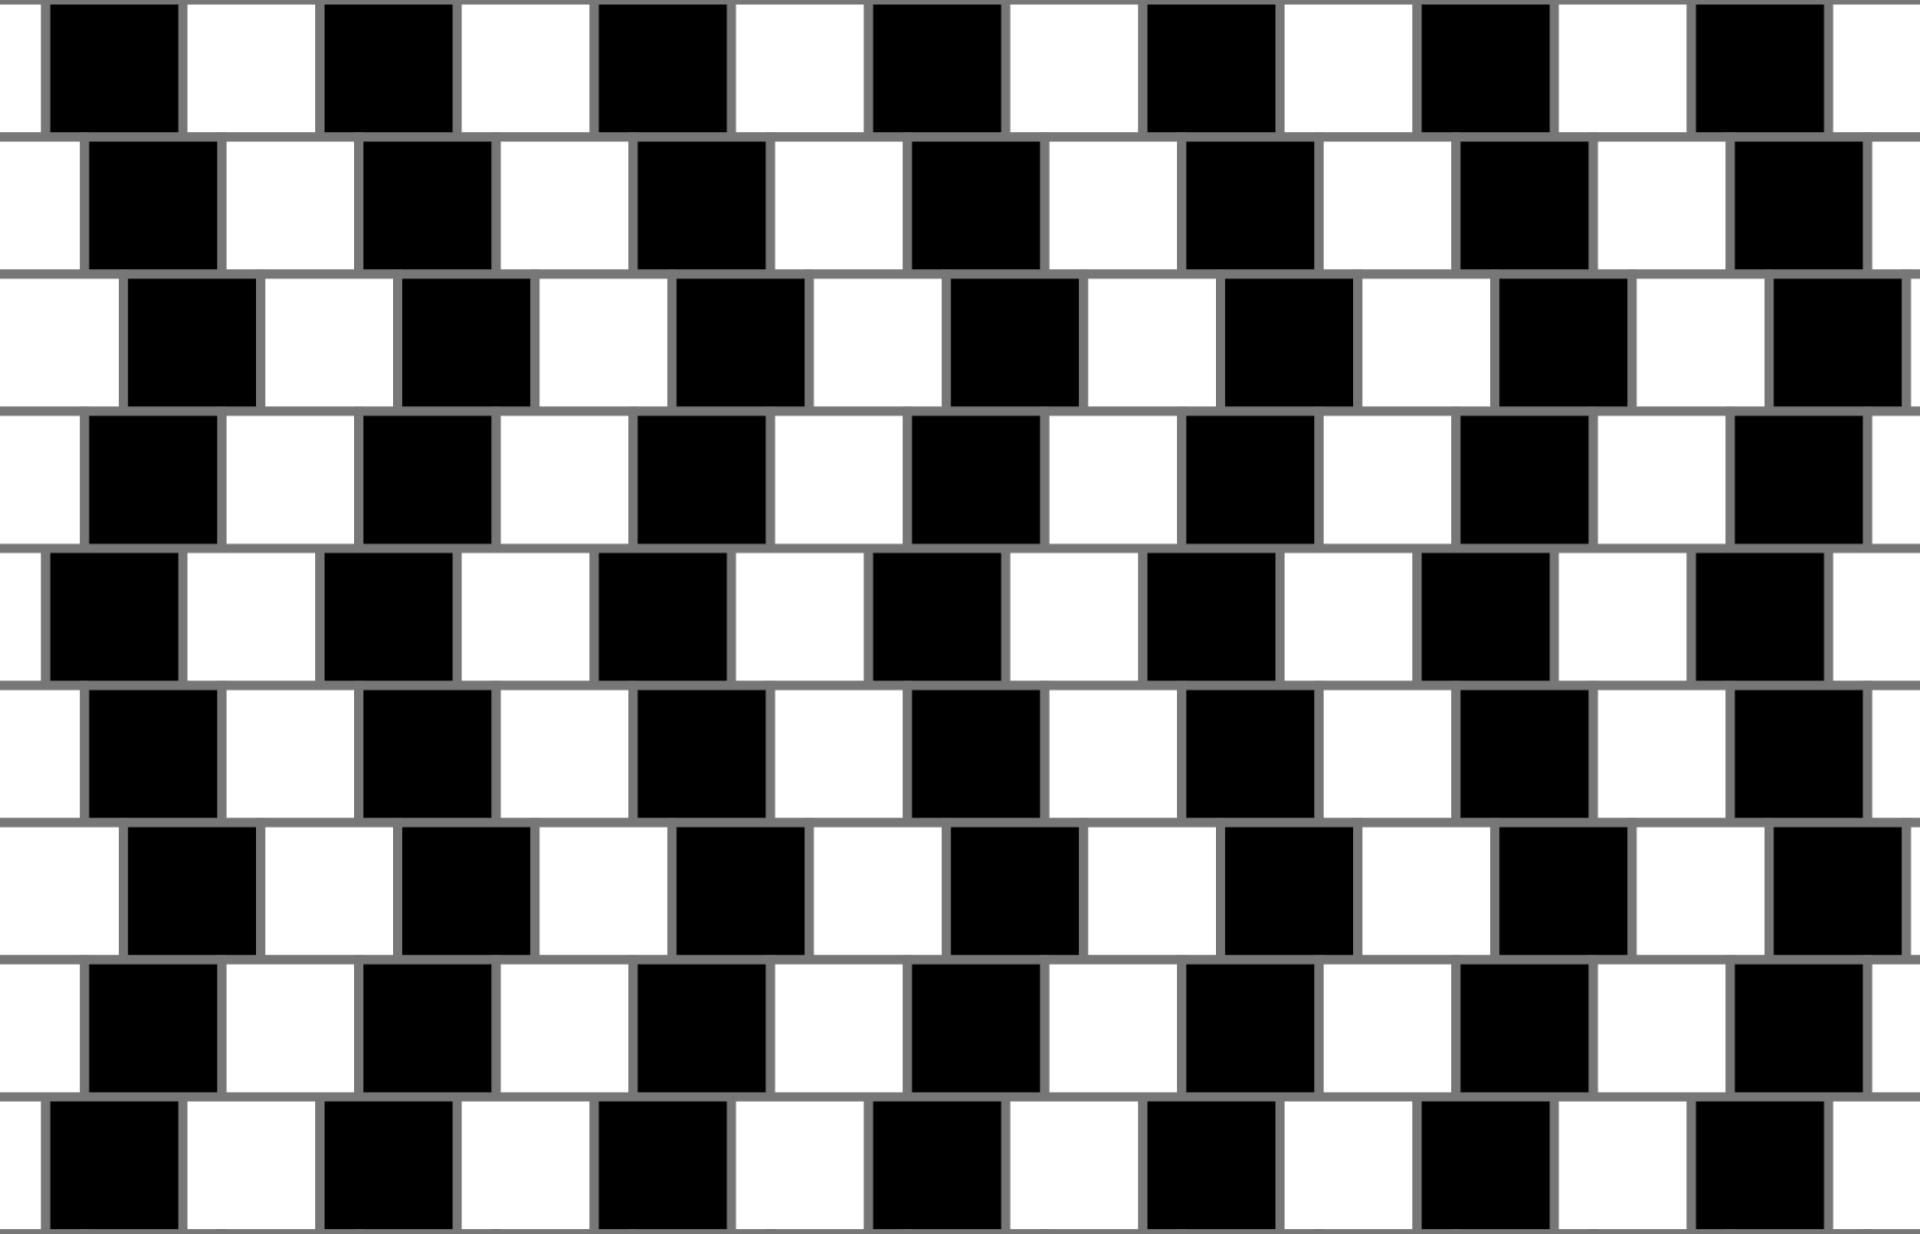 hình ảnh gây ảo giác - Café wall illusion